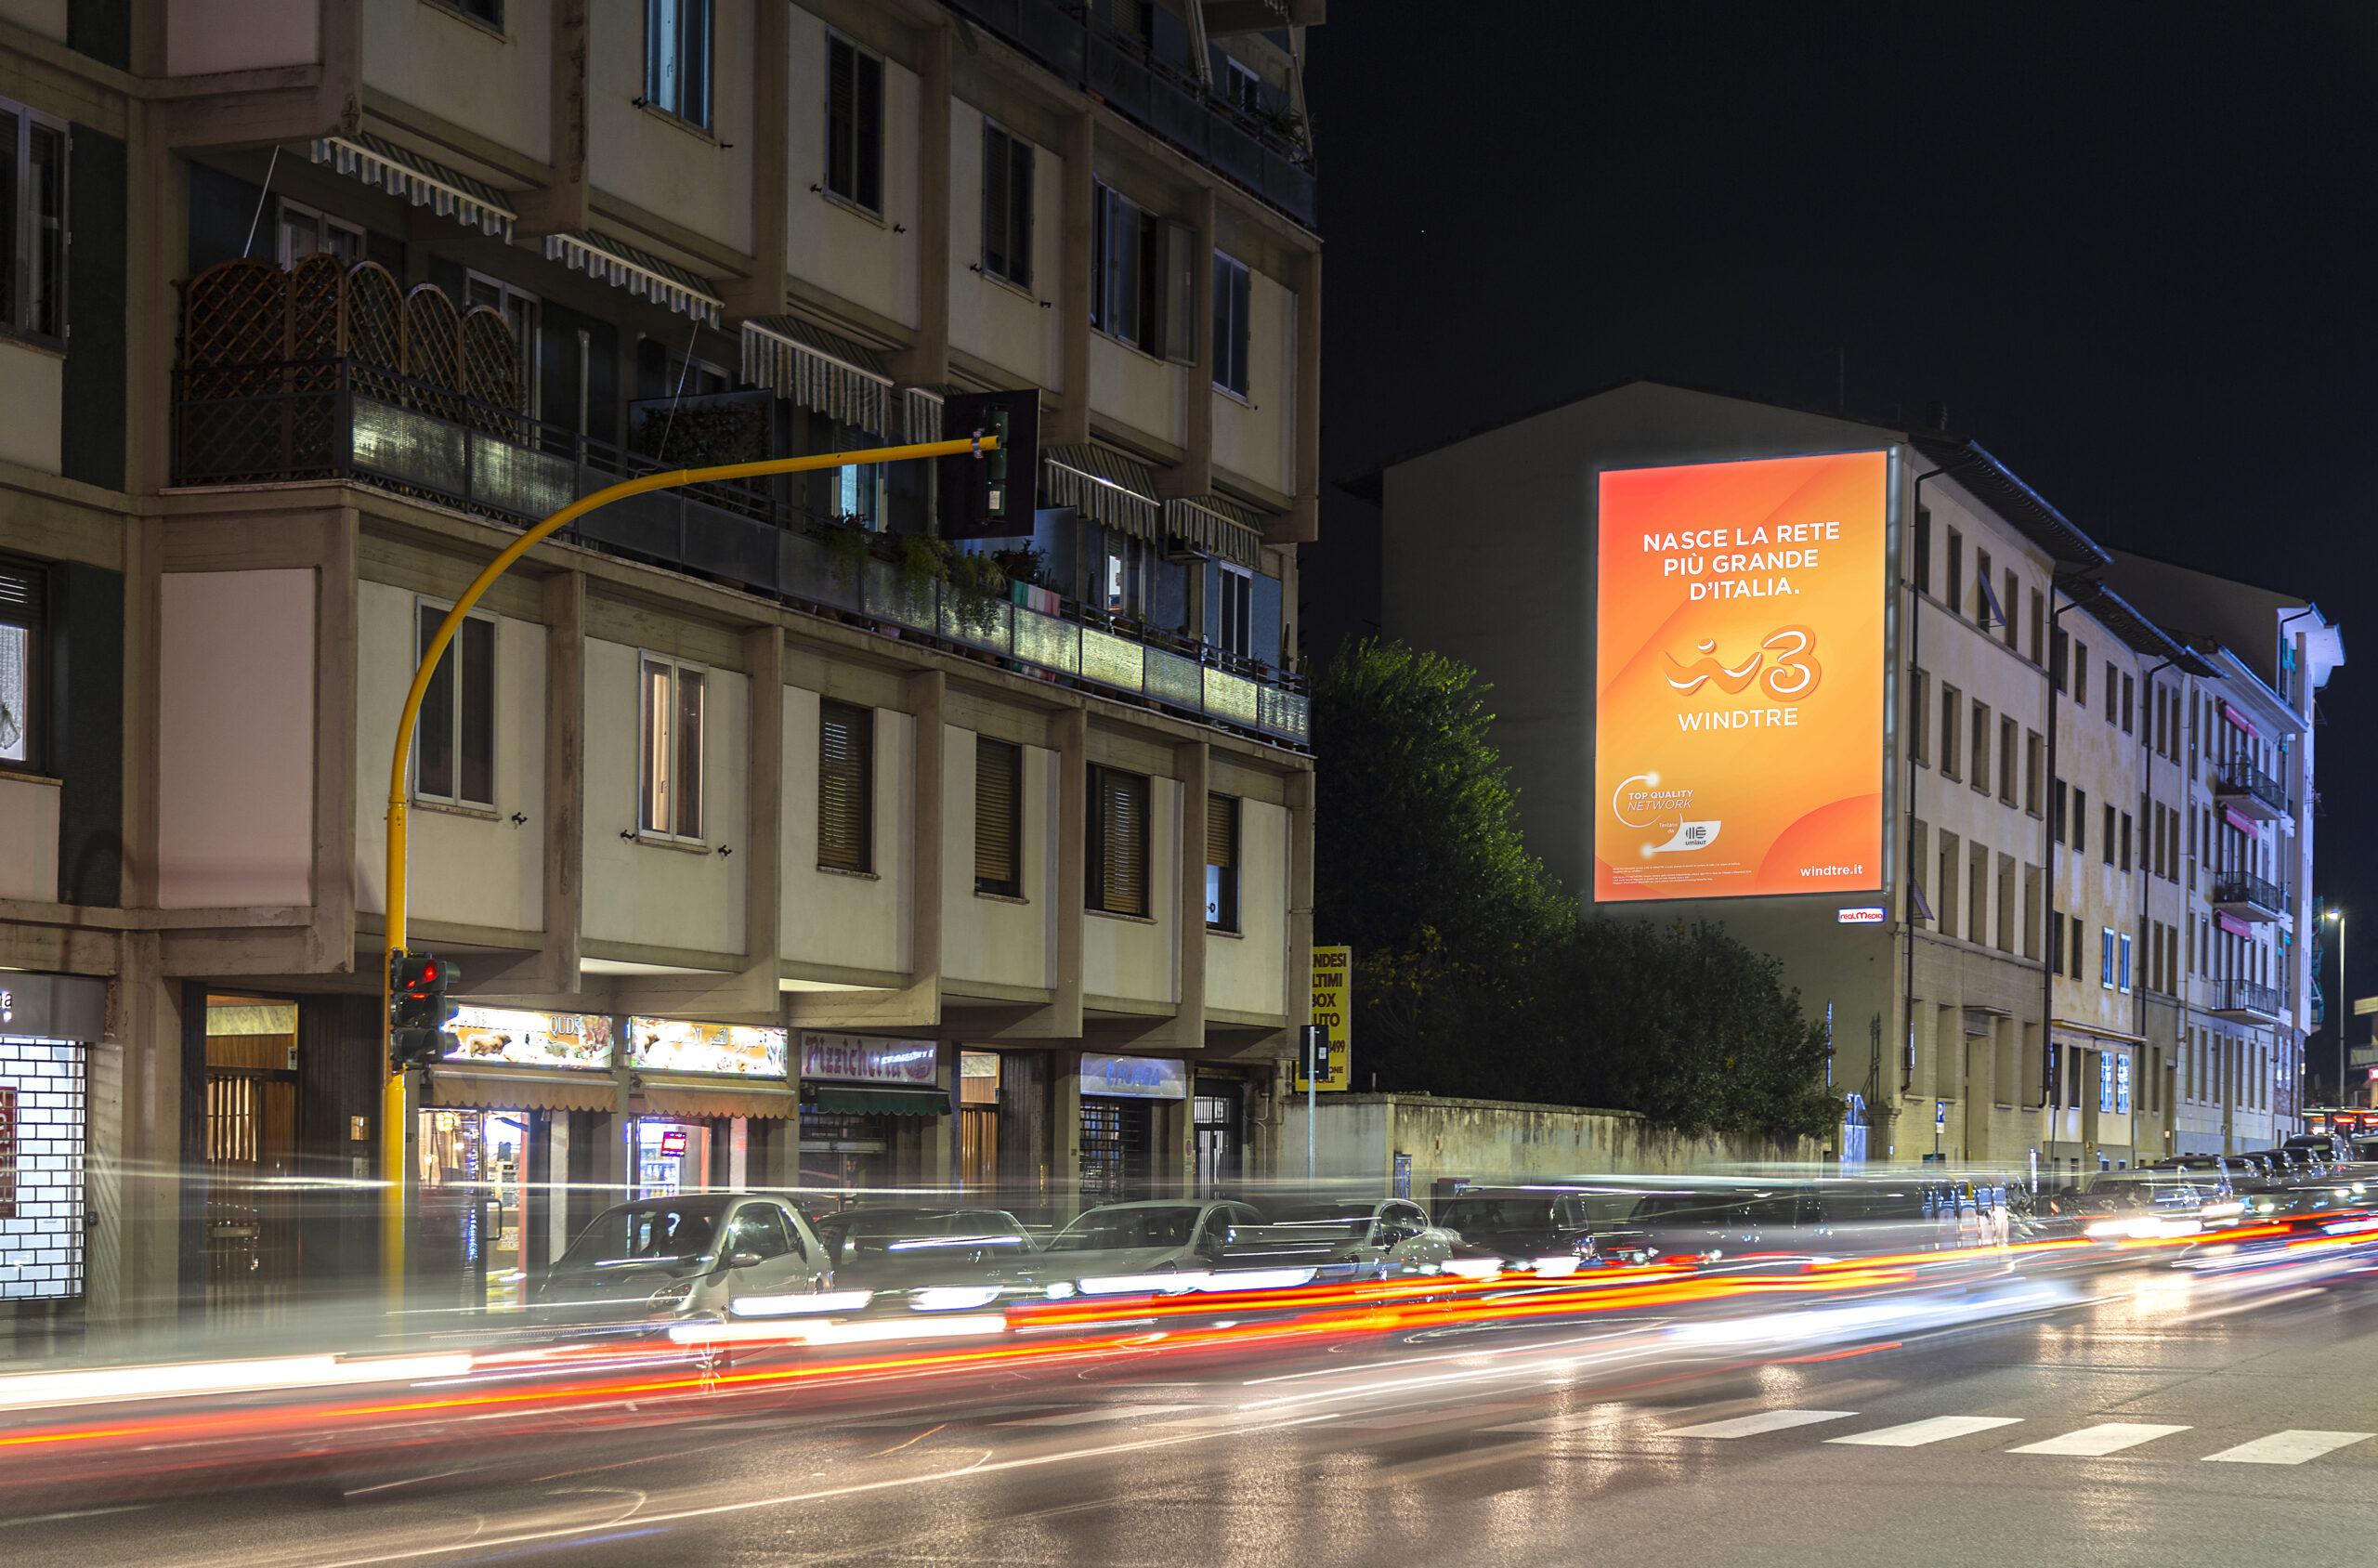 FI – Puccini Centro notturna